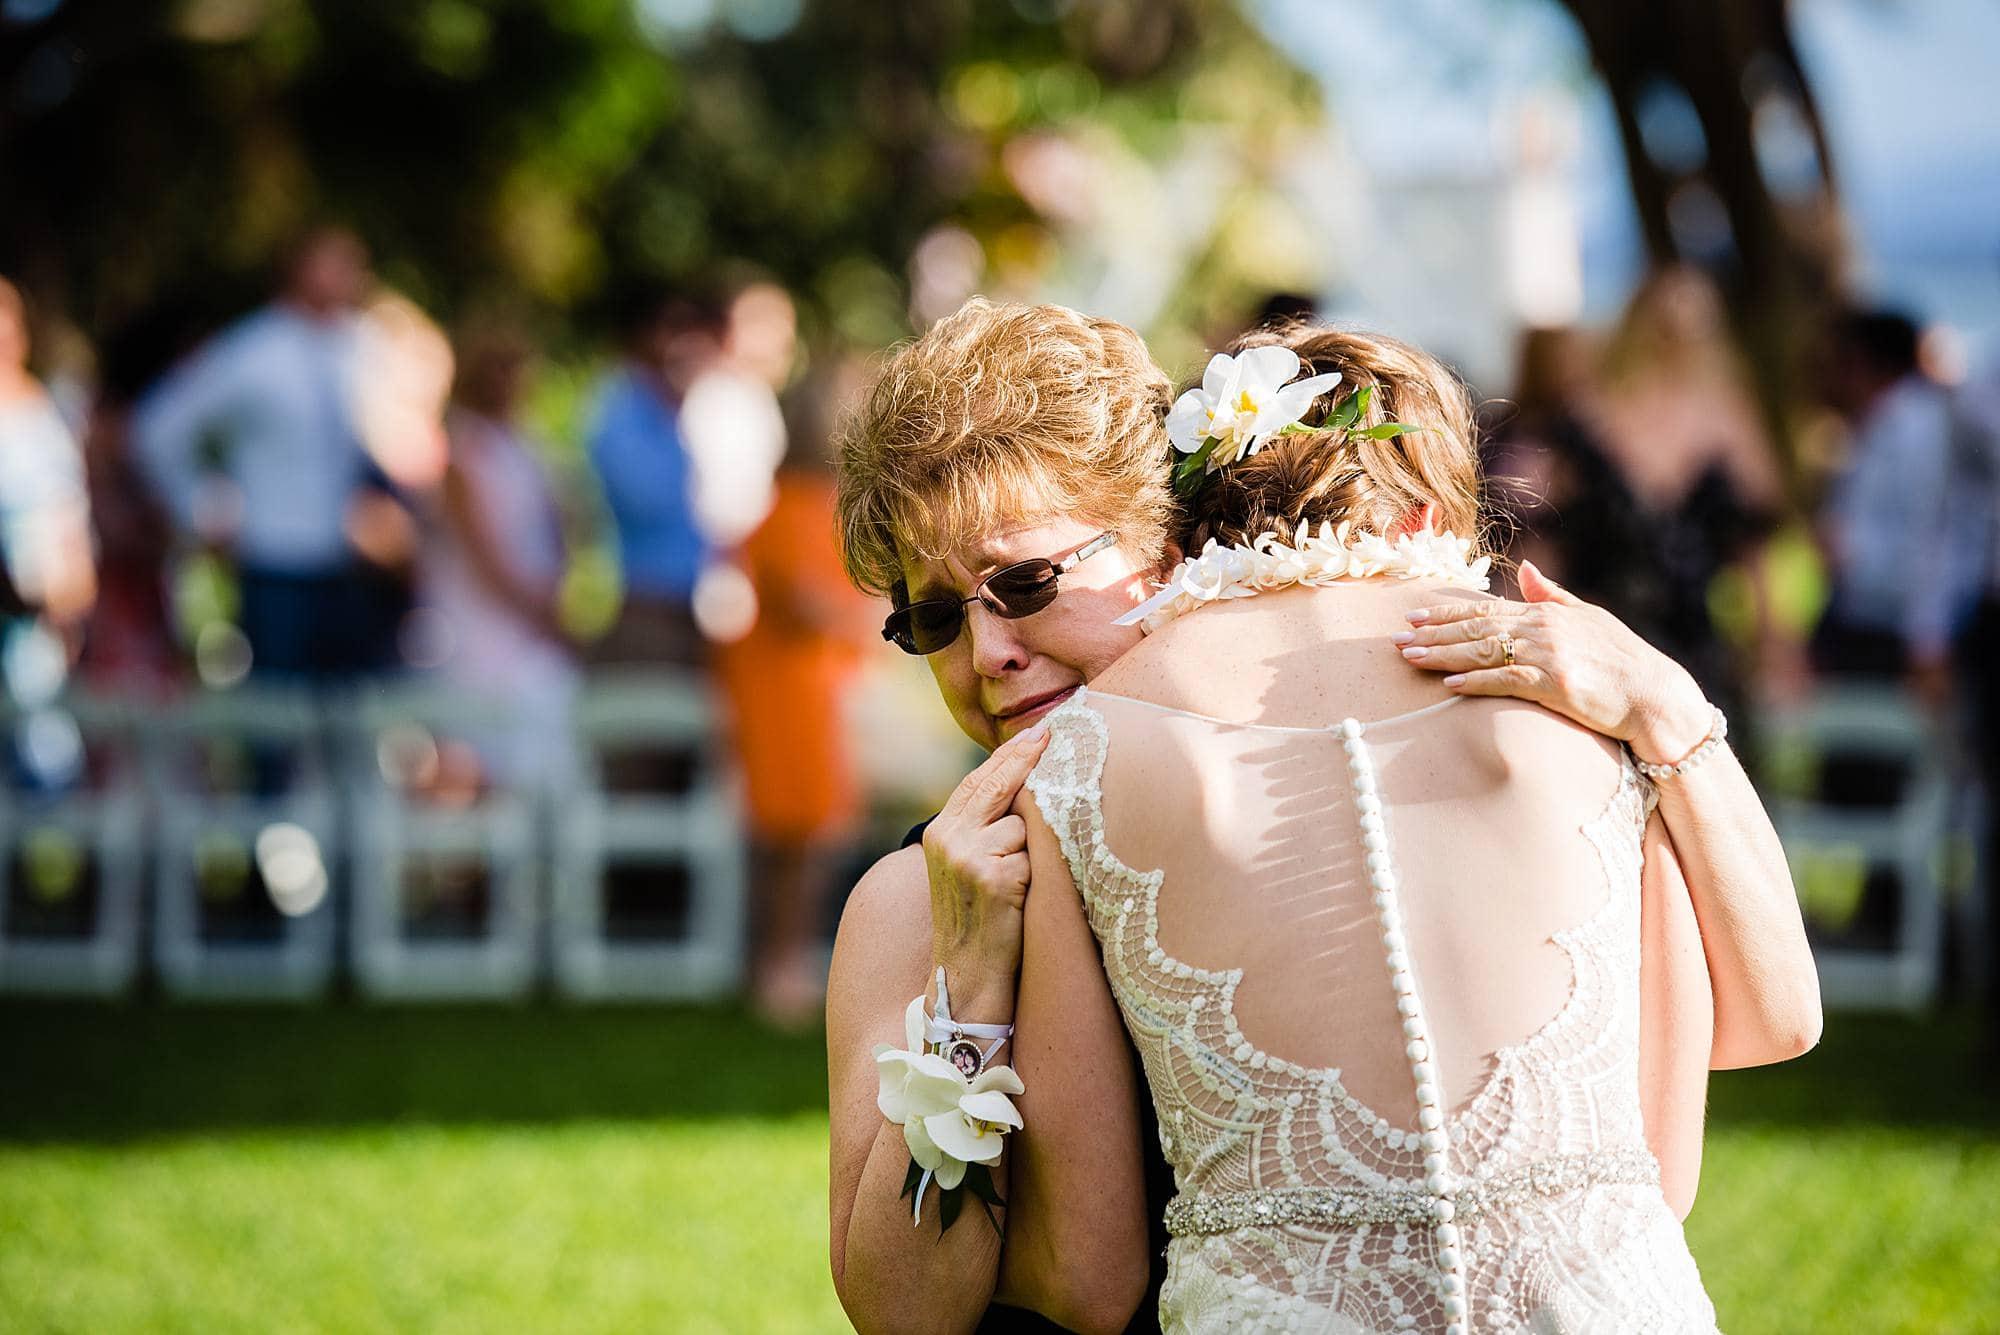 bride's mother embracing bride